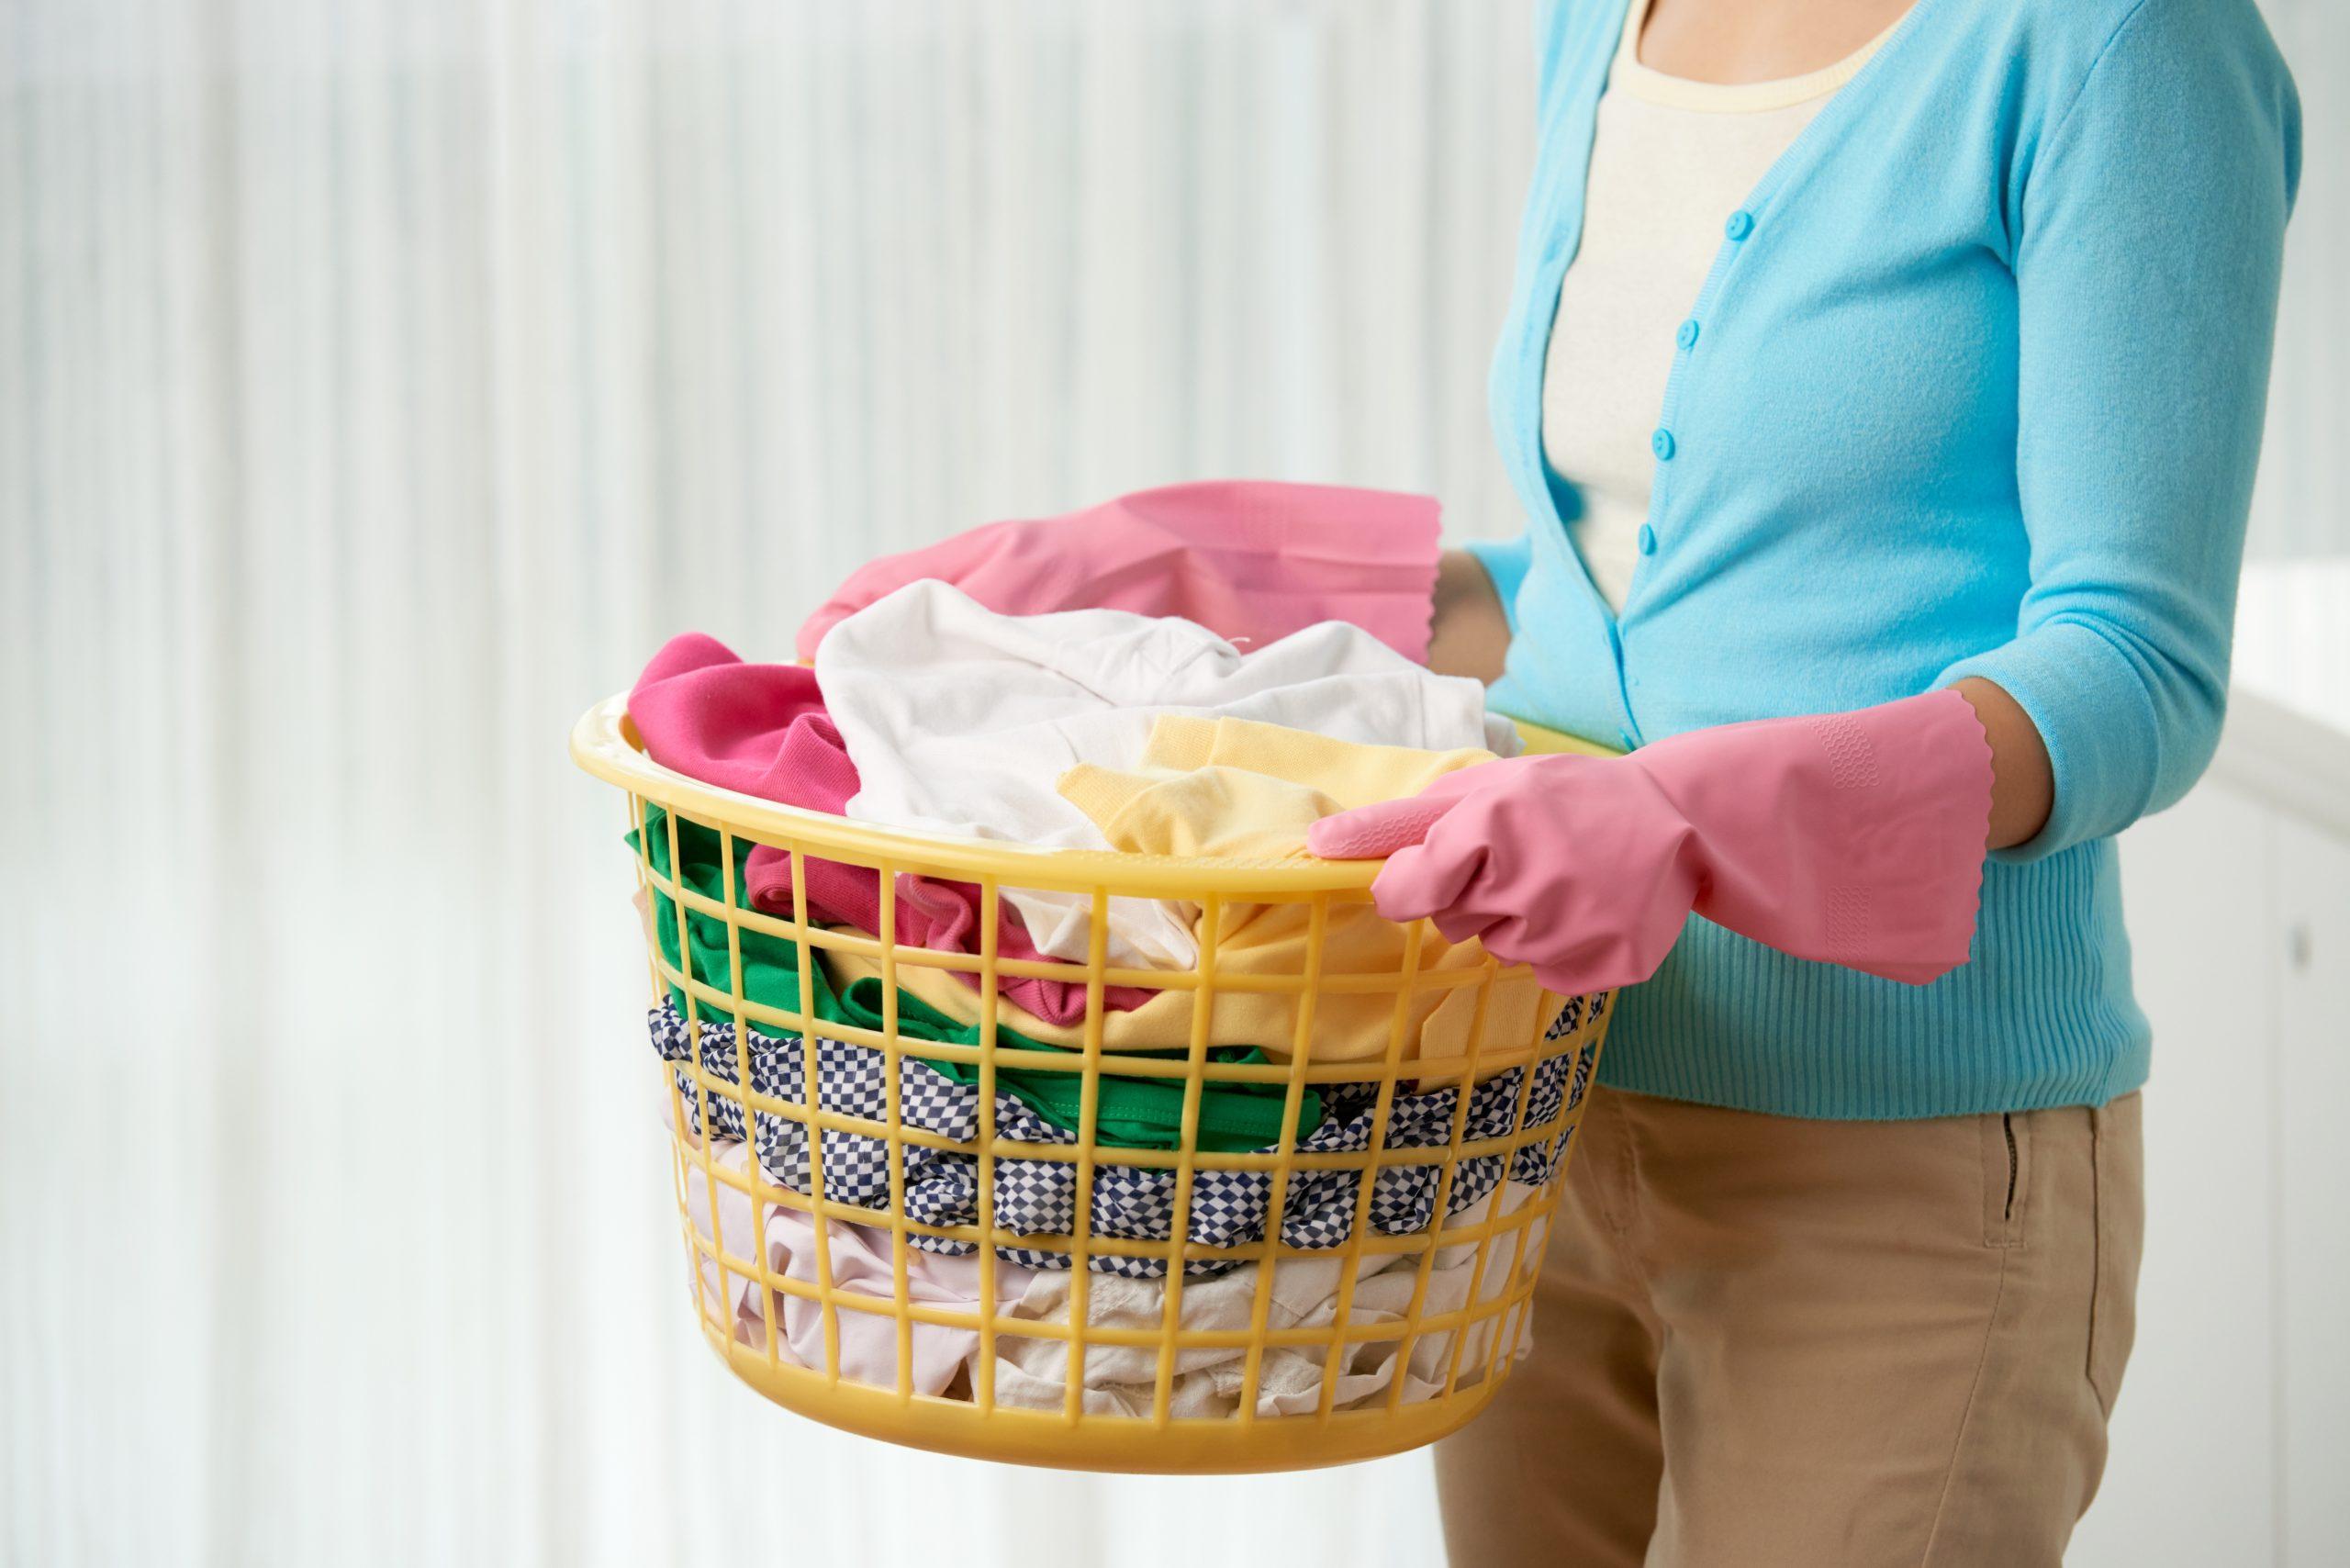 limpieza del hogar limpiar y desinfectar la ropa